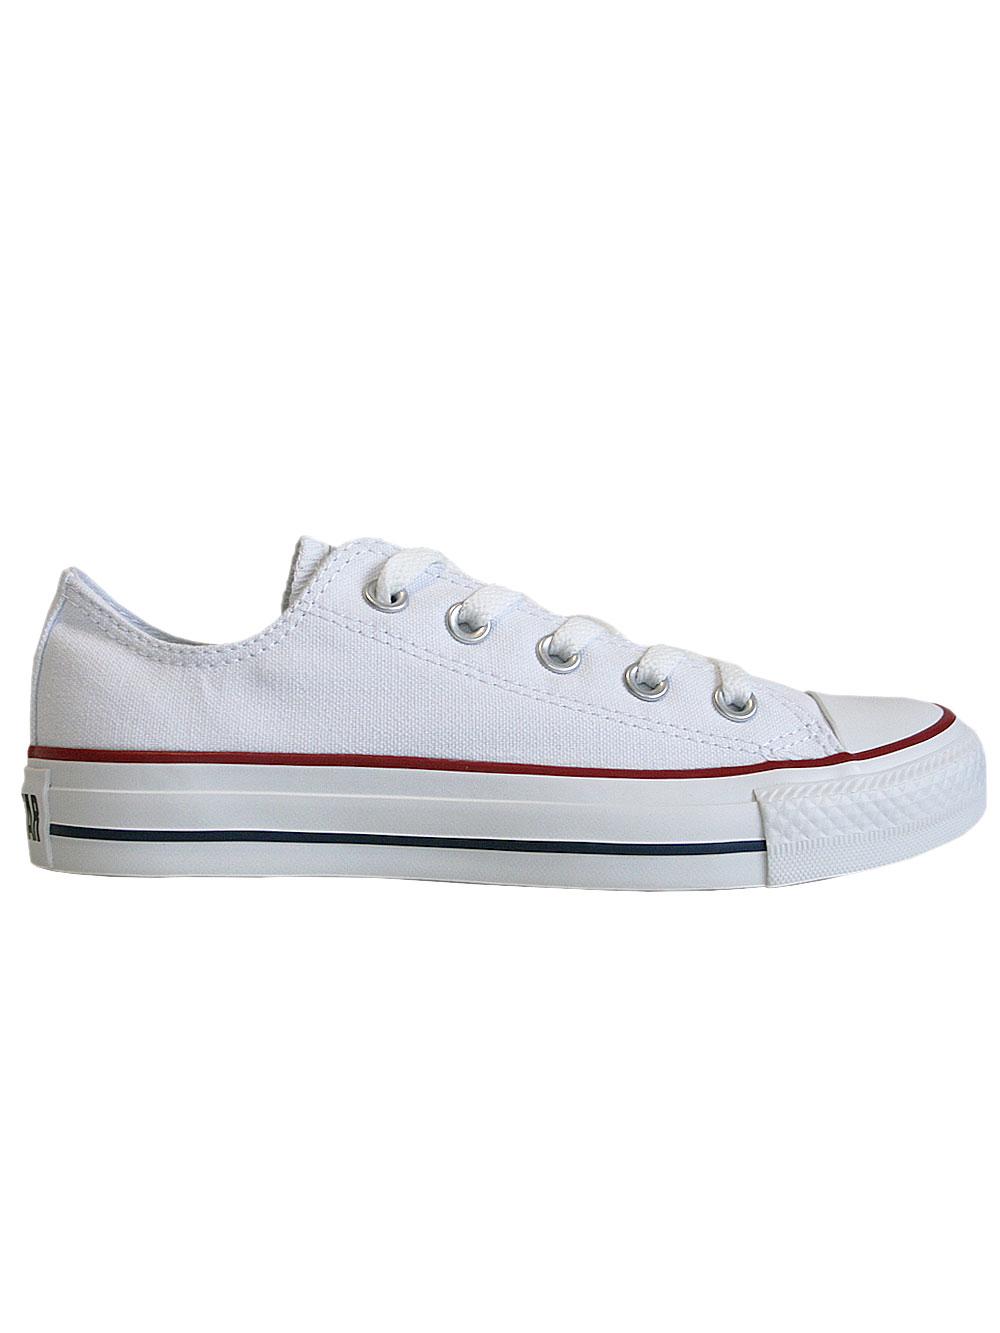 CONVERSE Chucks All Star Klassik Low Schuhe Sneaker * M7652* weiss NEU+OVP!